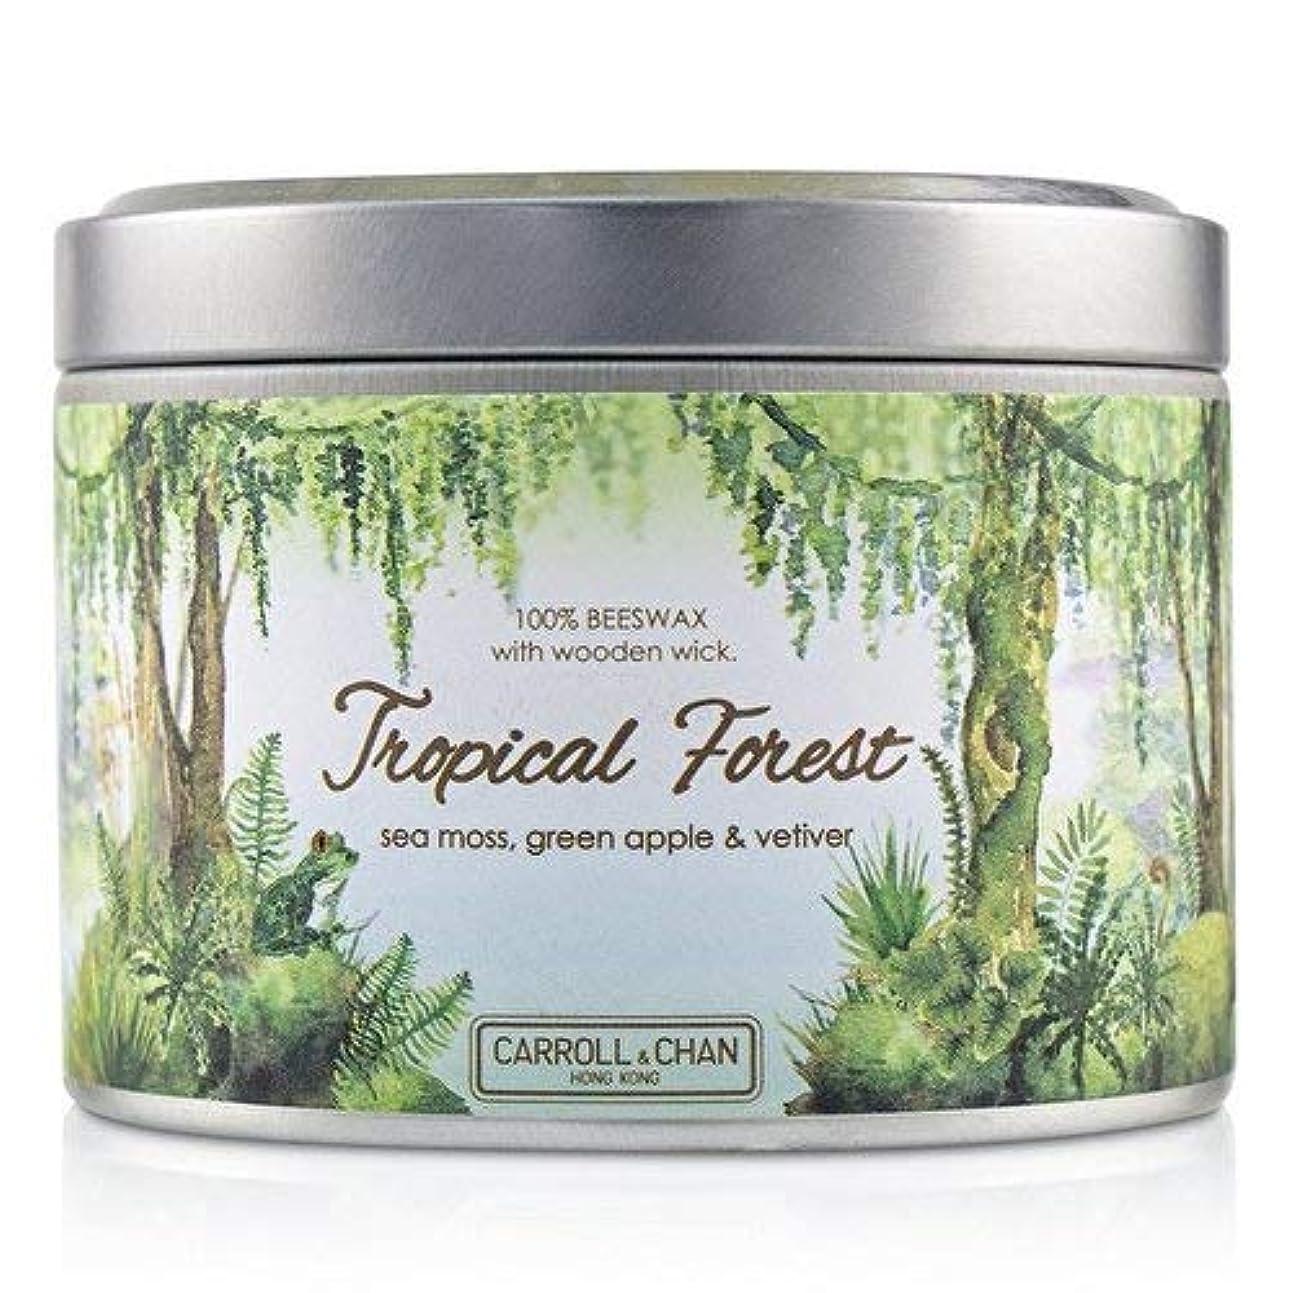 導入するエアコンいつキャンドル?カンパニー Tin Can 100% Beeswax Candle with Wooden Wick - Tropical Forest (8x5) cm並行輸入品